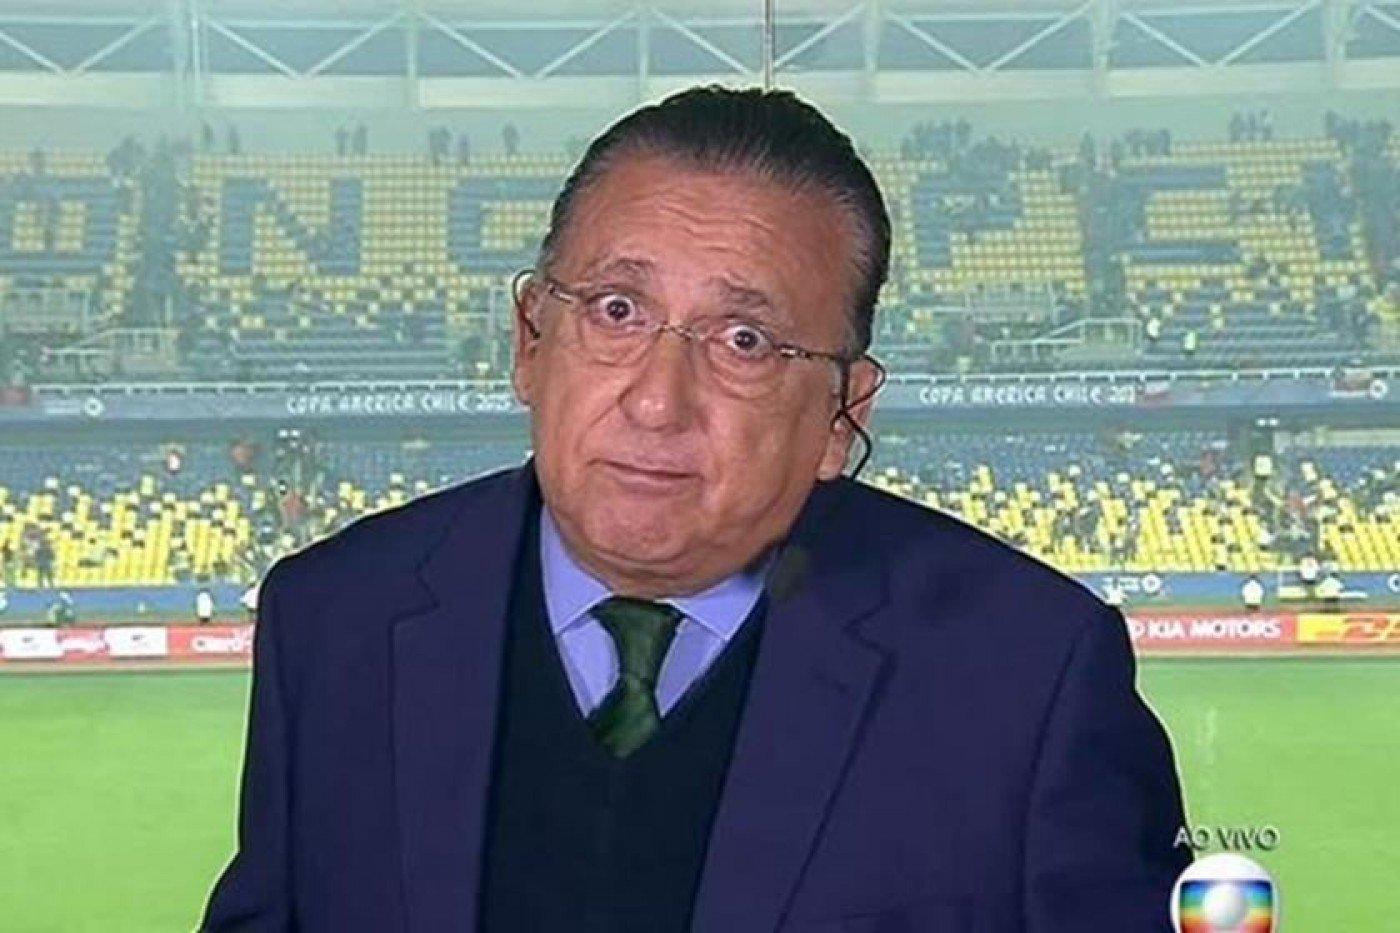 Irmã de Neymar detona Galvão Bueno por críticas ao atacante: 'Vai lá entrar em campo'